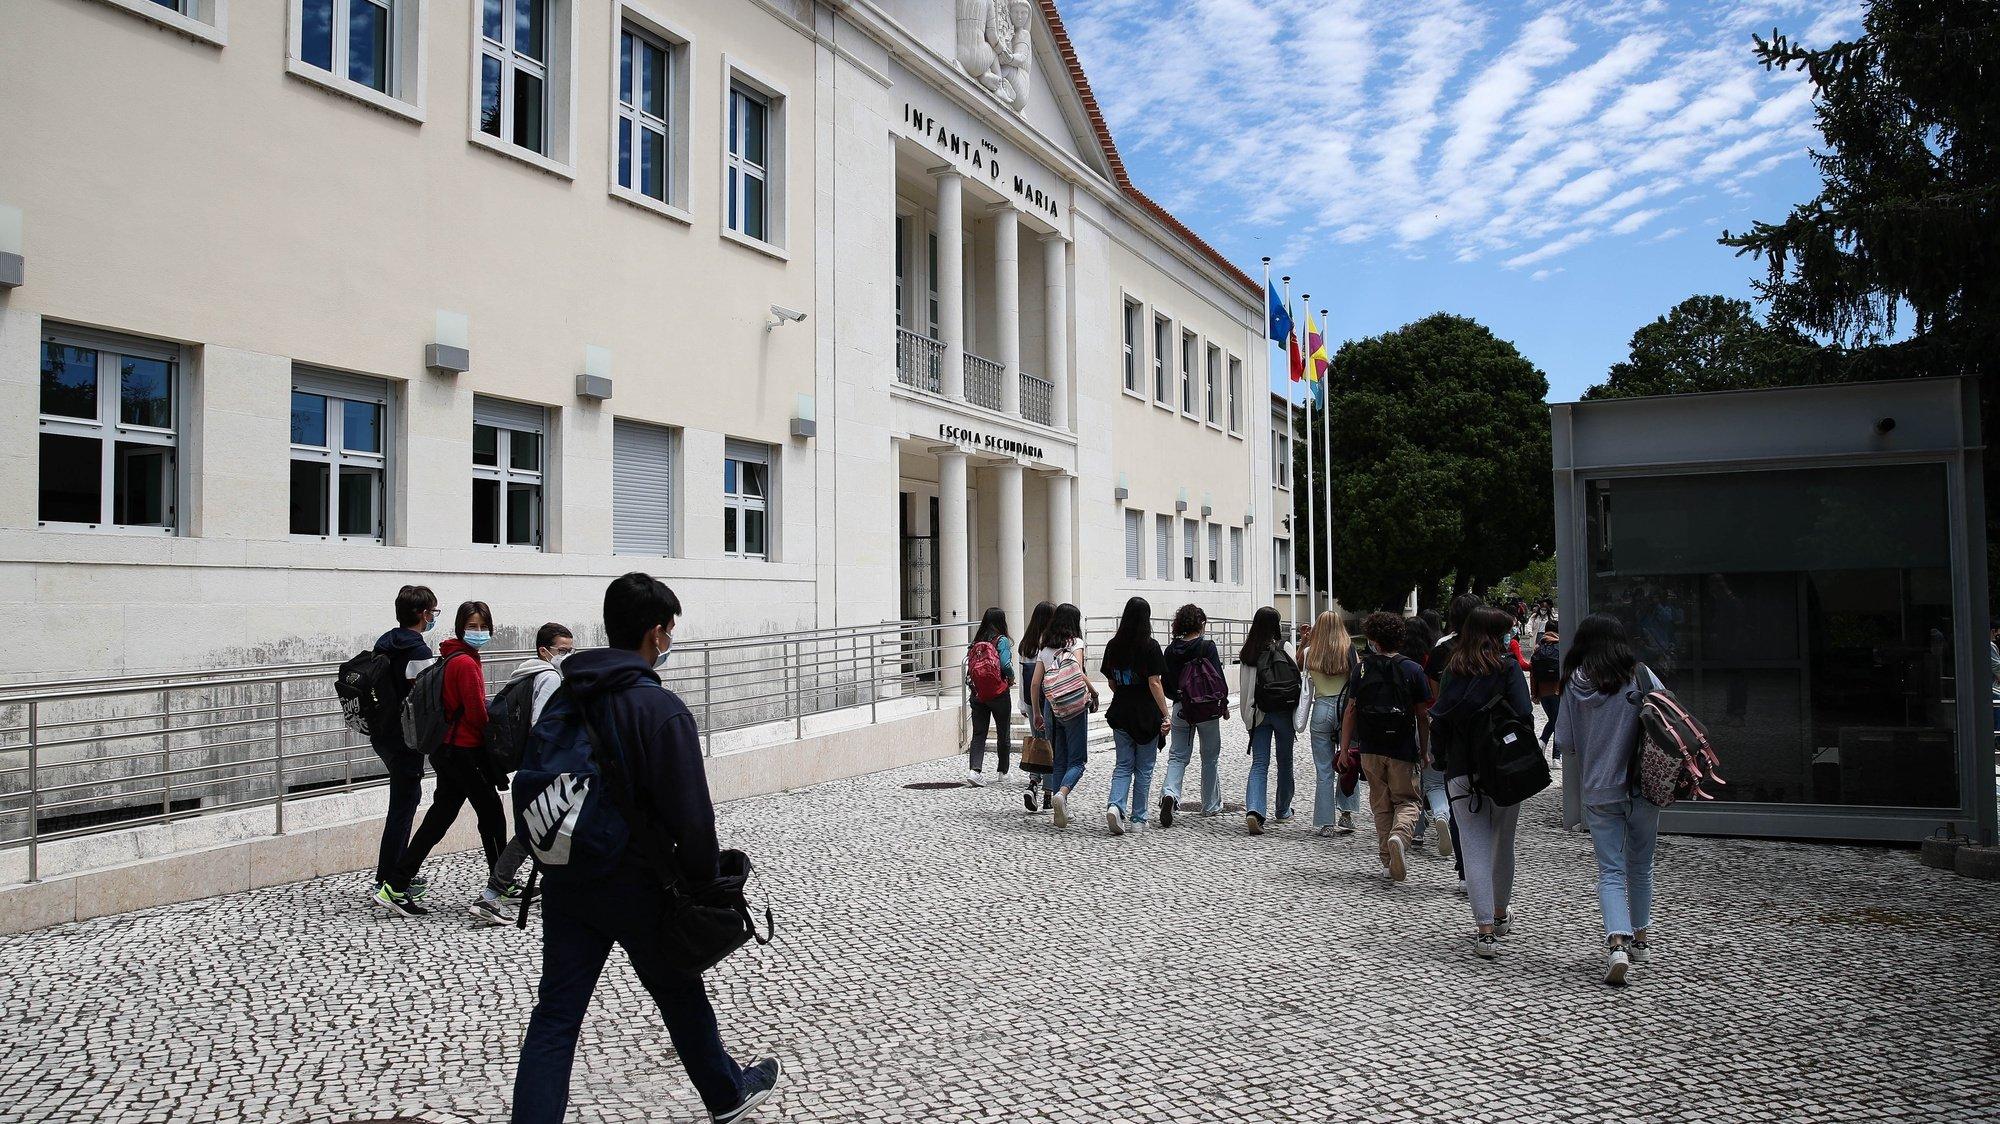 Alunos na Escola Secundária Infanta Dona Maria, em Coimbra, 17 de maio de 2021.